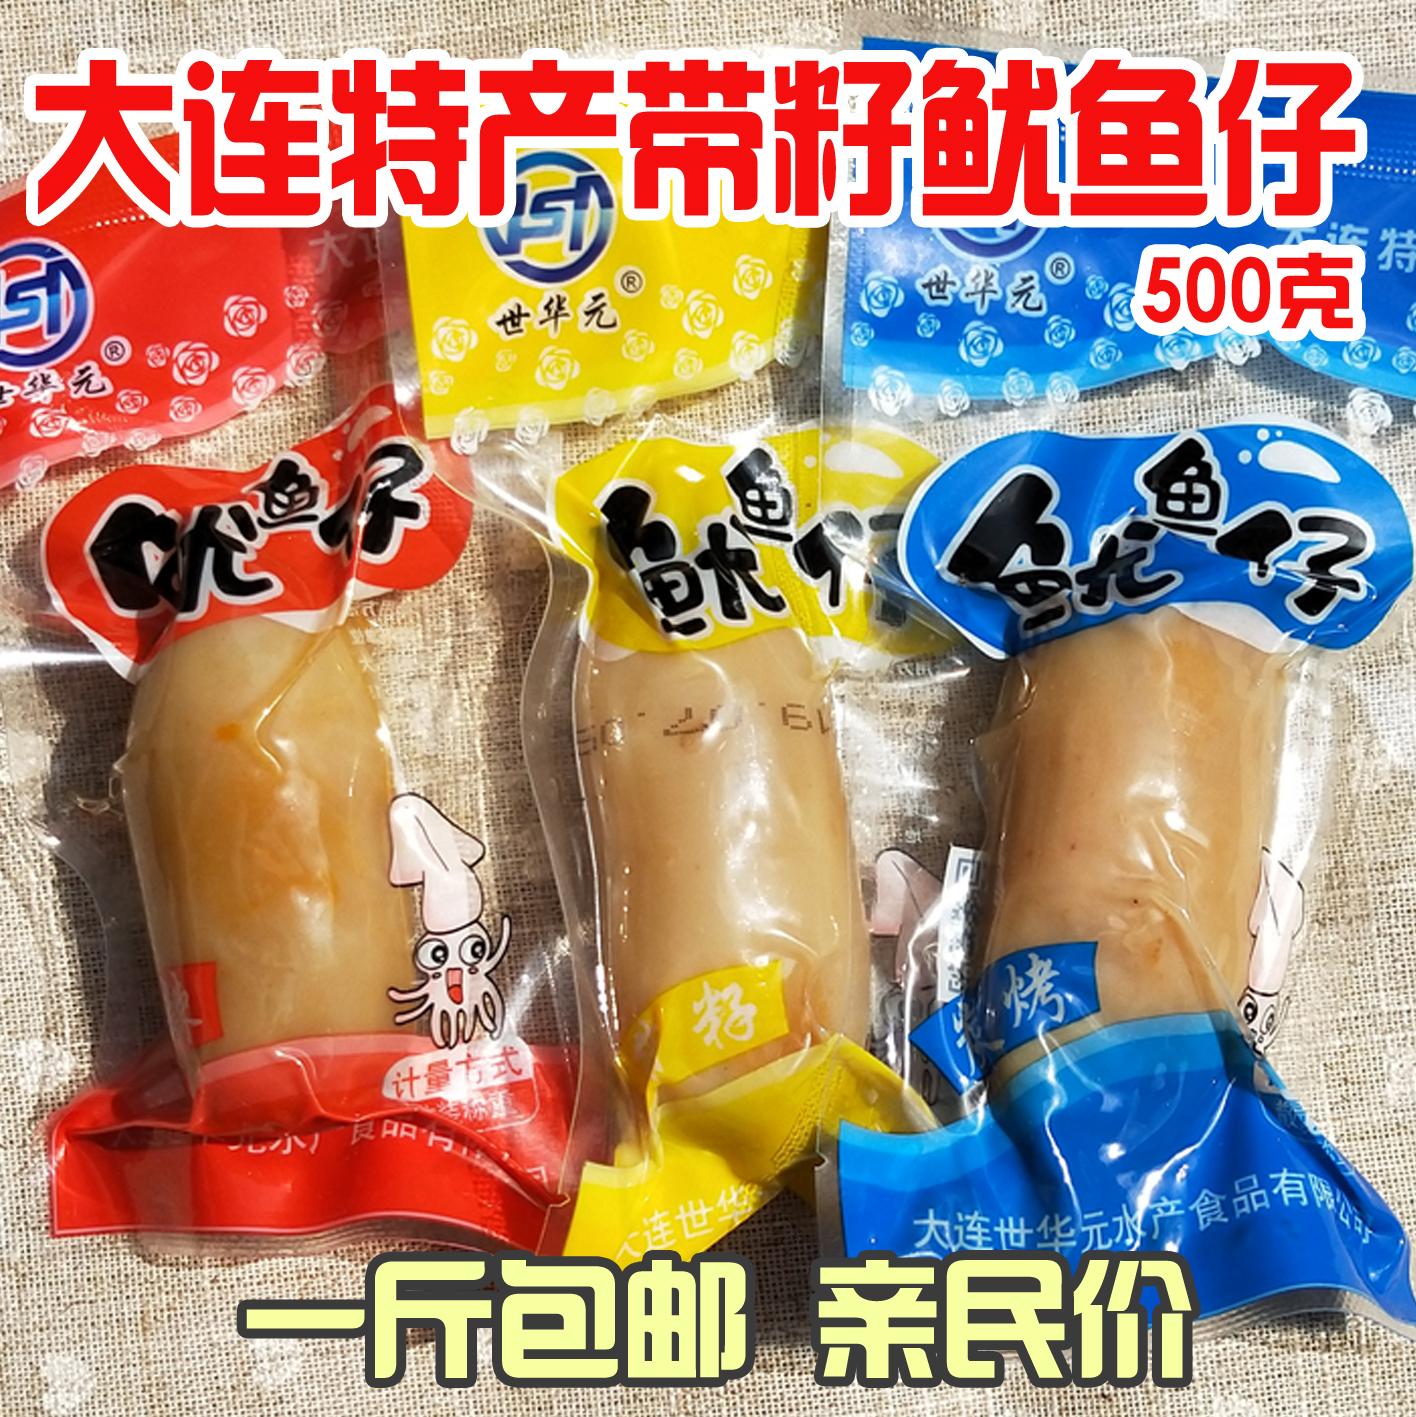 碳烤带籽鱿鱼仔即食墨鱼仔大连特产海鲜零食休闲熟食小吃海兔500g